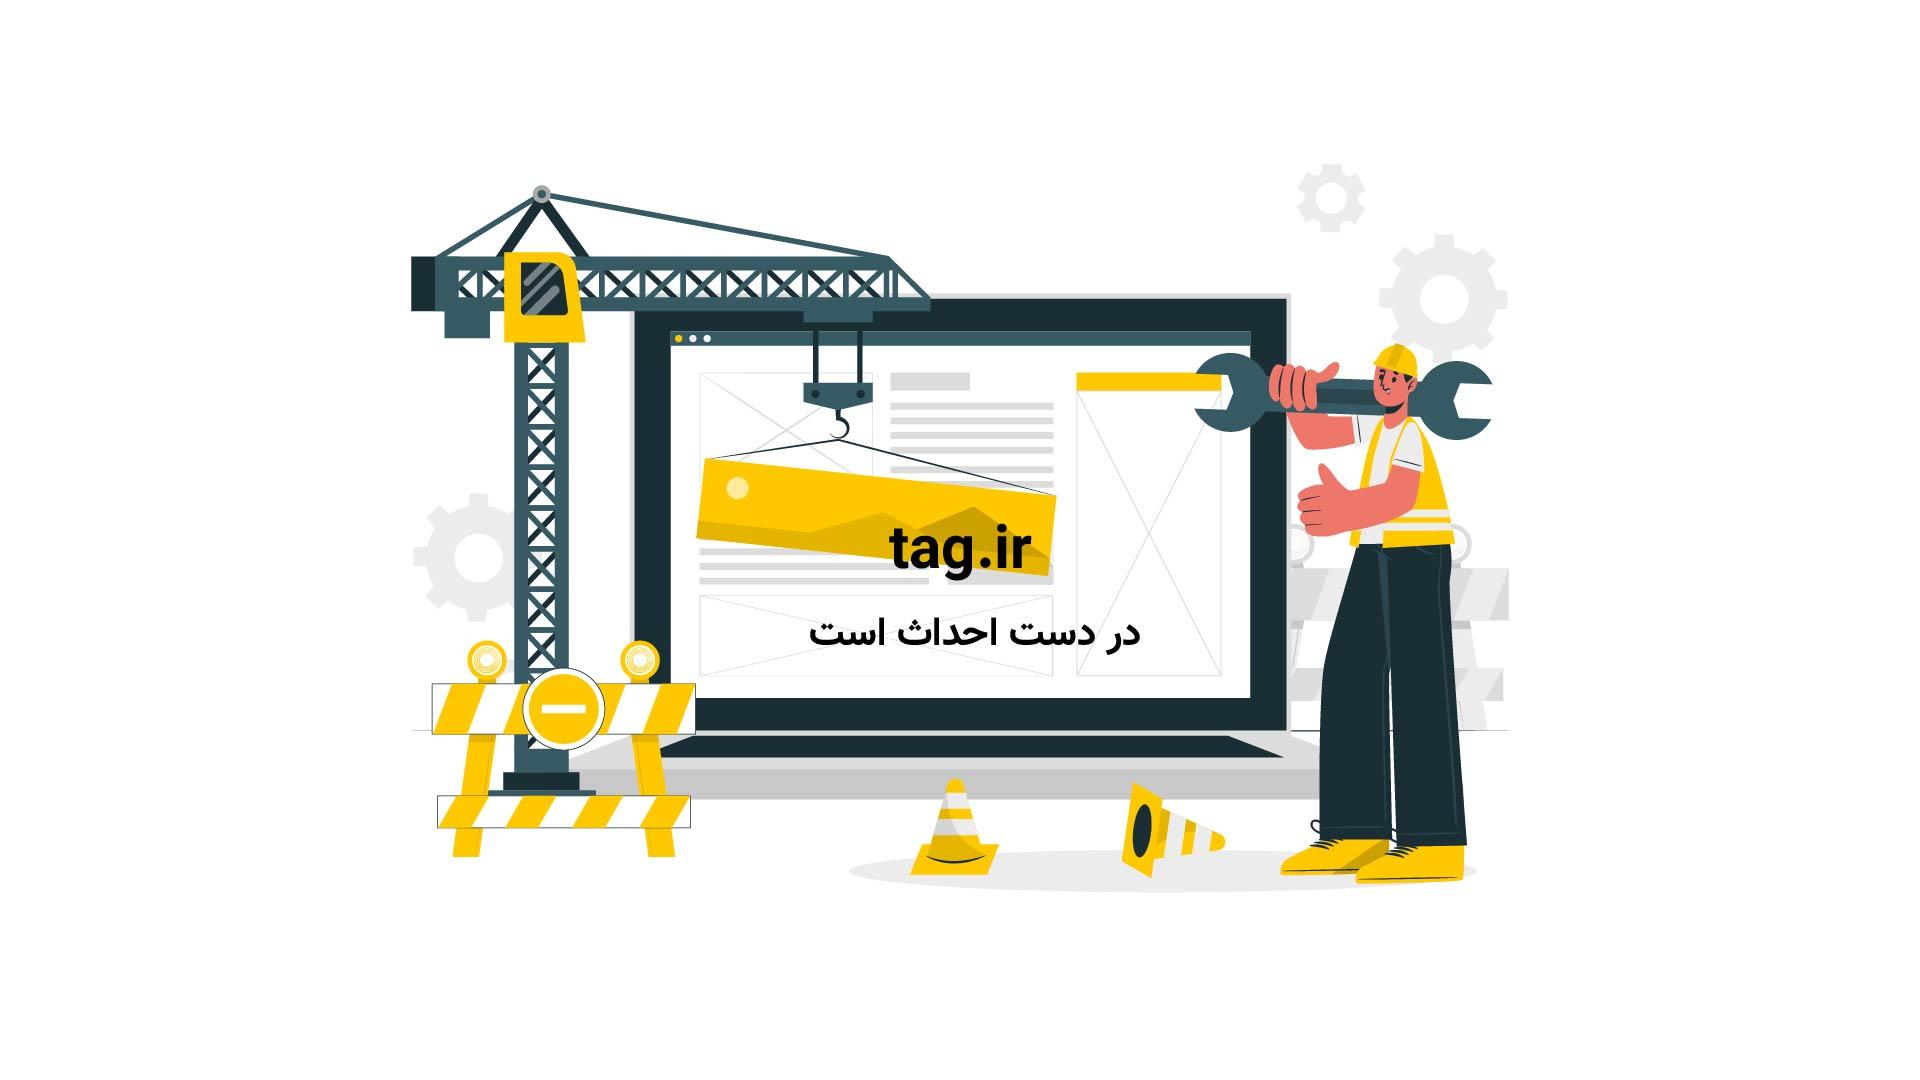 بازی سیل نور | تگ